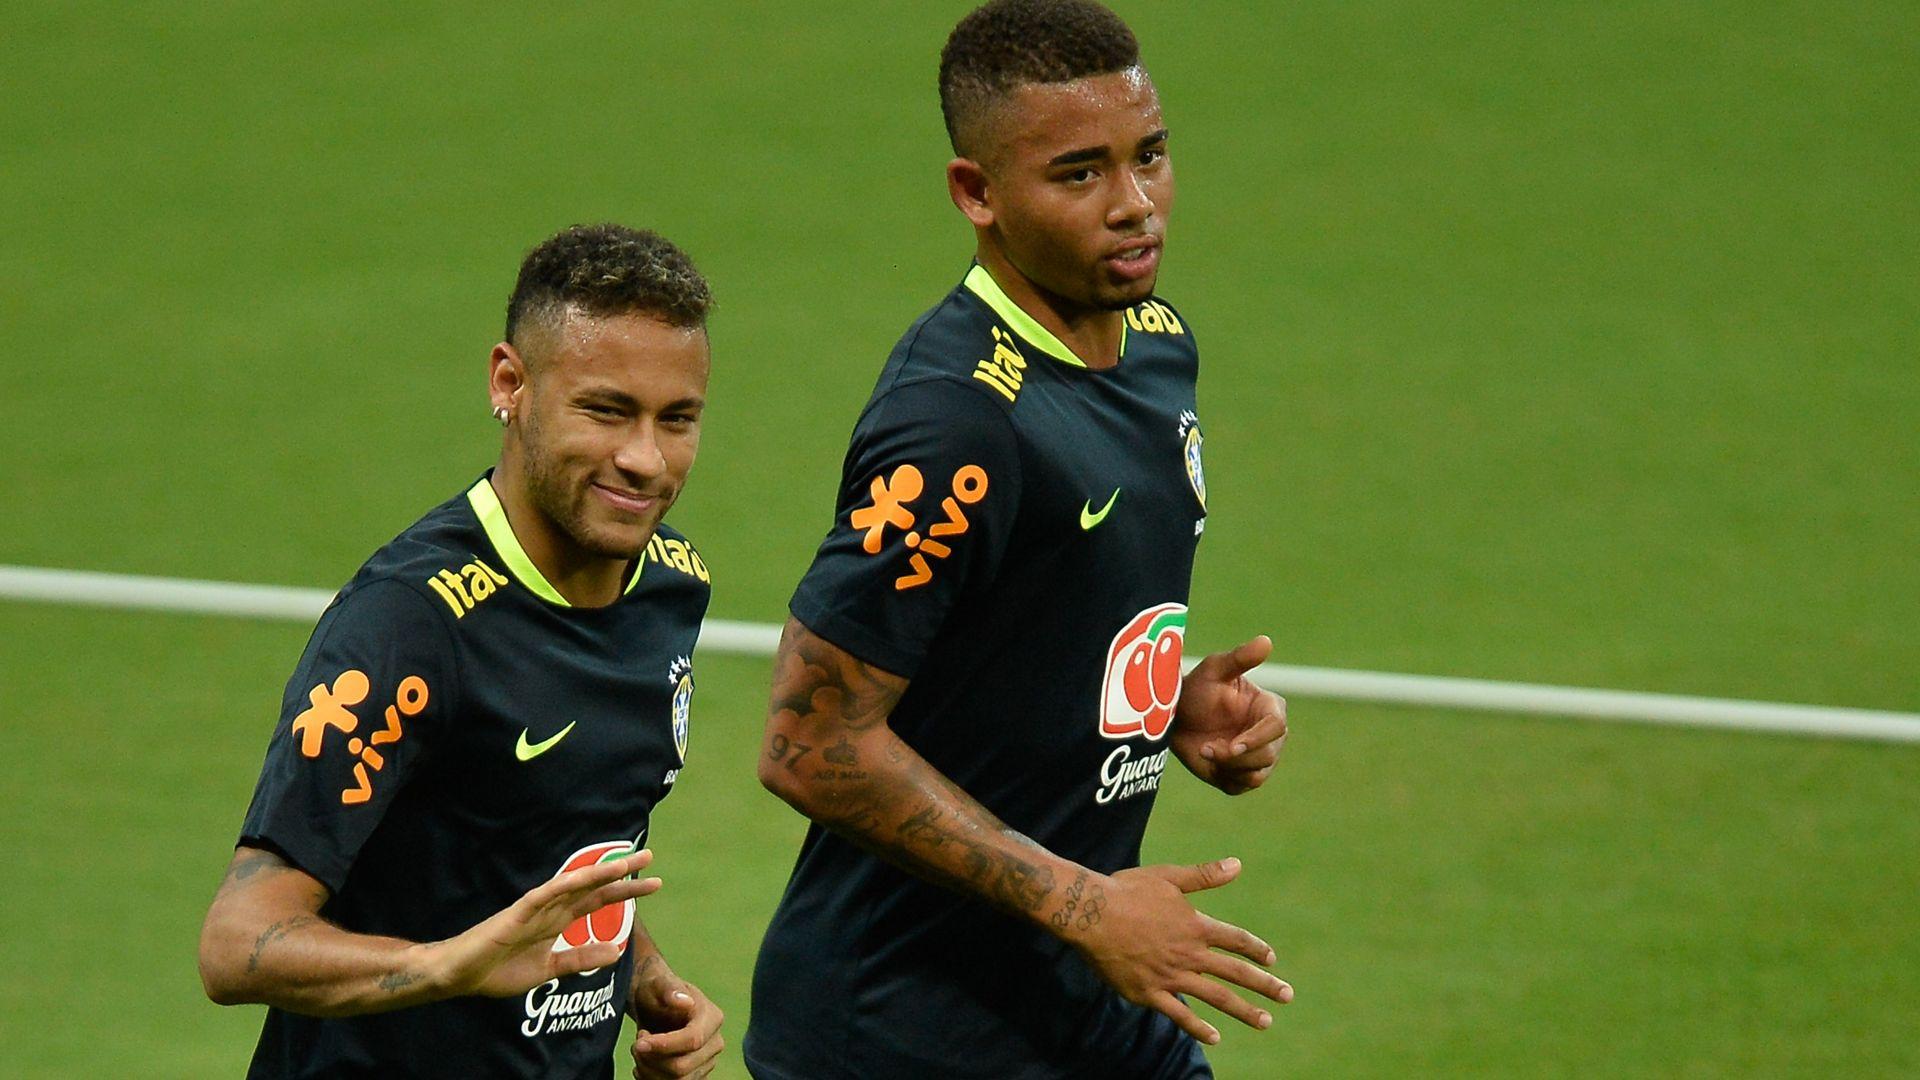 No Mundo da Bola analisa a seleção brasileira em Teresópolis